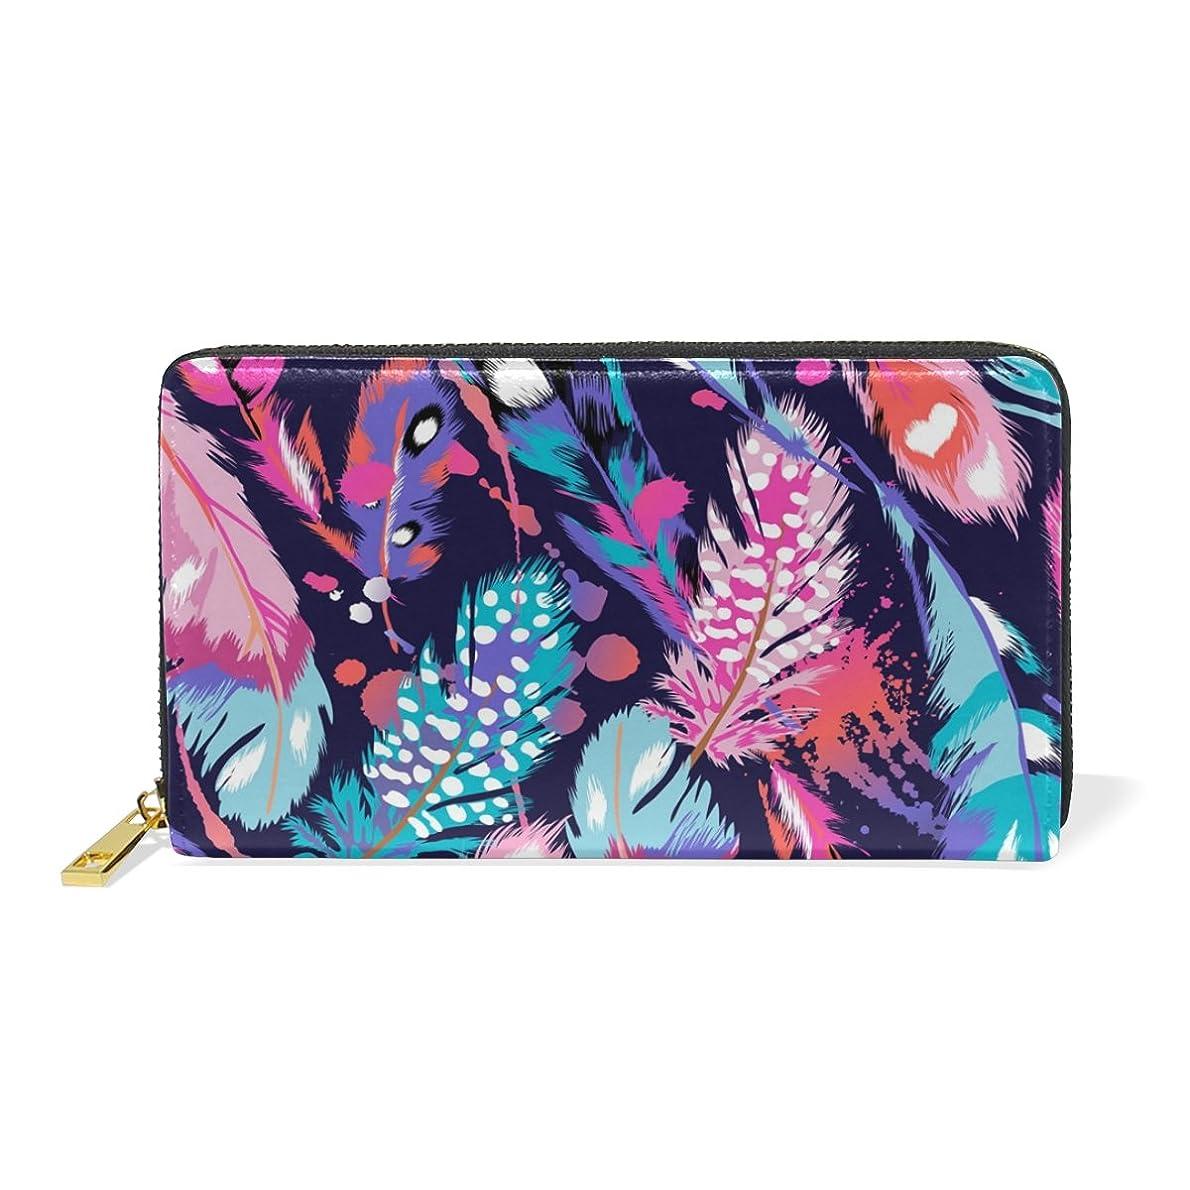 つかいます農学休暇マキク(MAKIKU) 長財布 レディース 本革 大容量 ラウンドファスナー カード12枚収納 プレゼント対応 羽柄 翼 水彩 ブルー ピンク